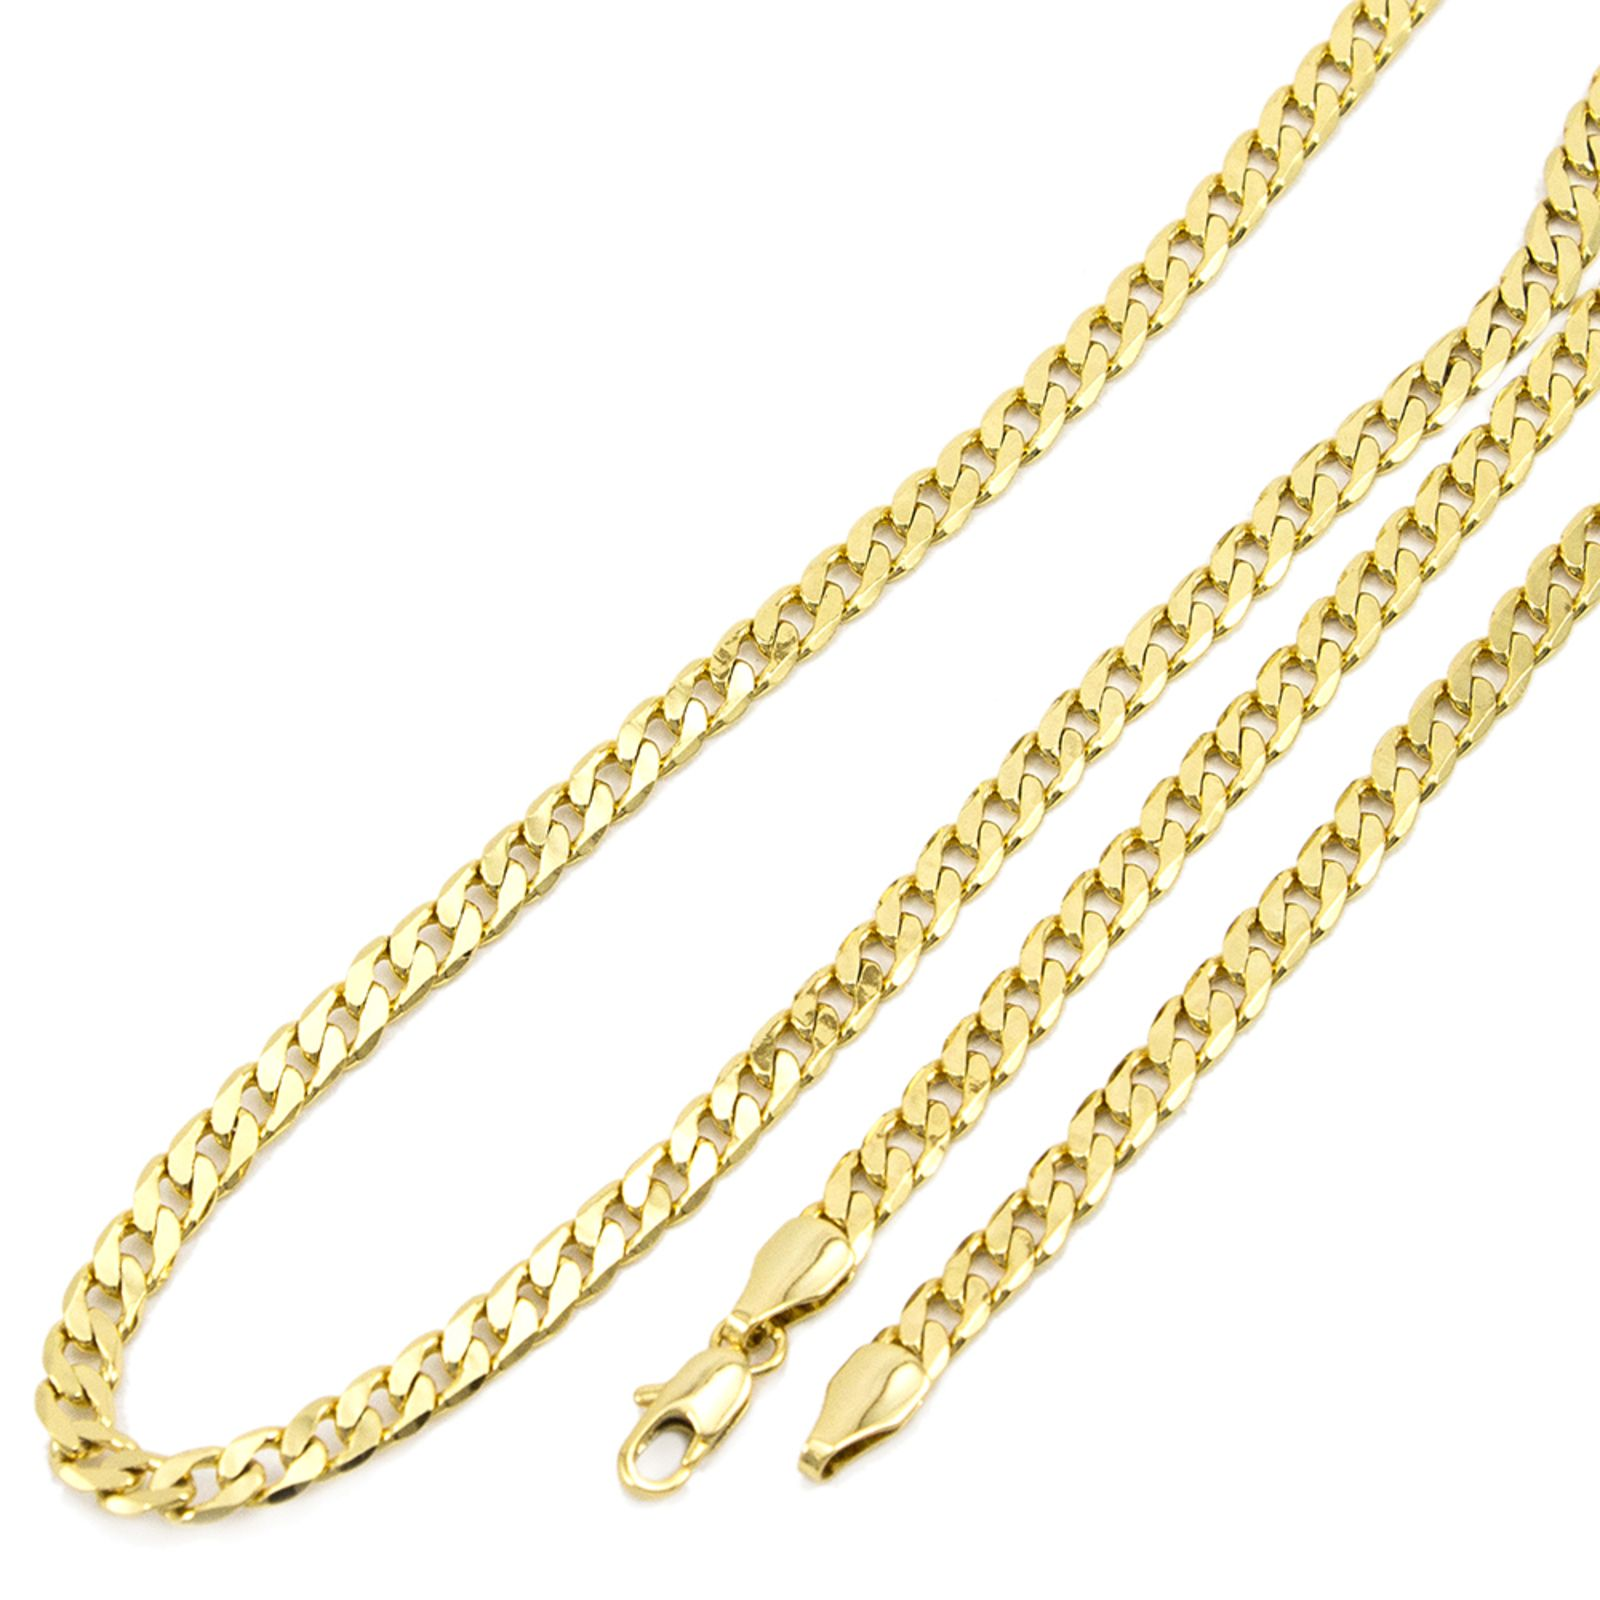 a09931deacc Pingente Estrela De Davi e Corrente e Pulseira 5mm Tudo Jóias Folheado a  Ouro 18k Dourado